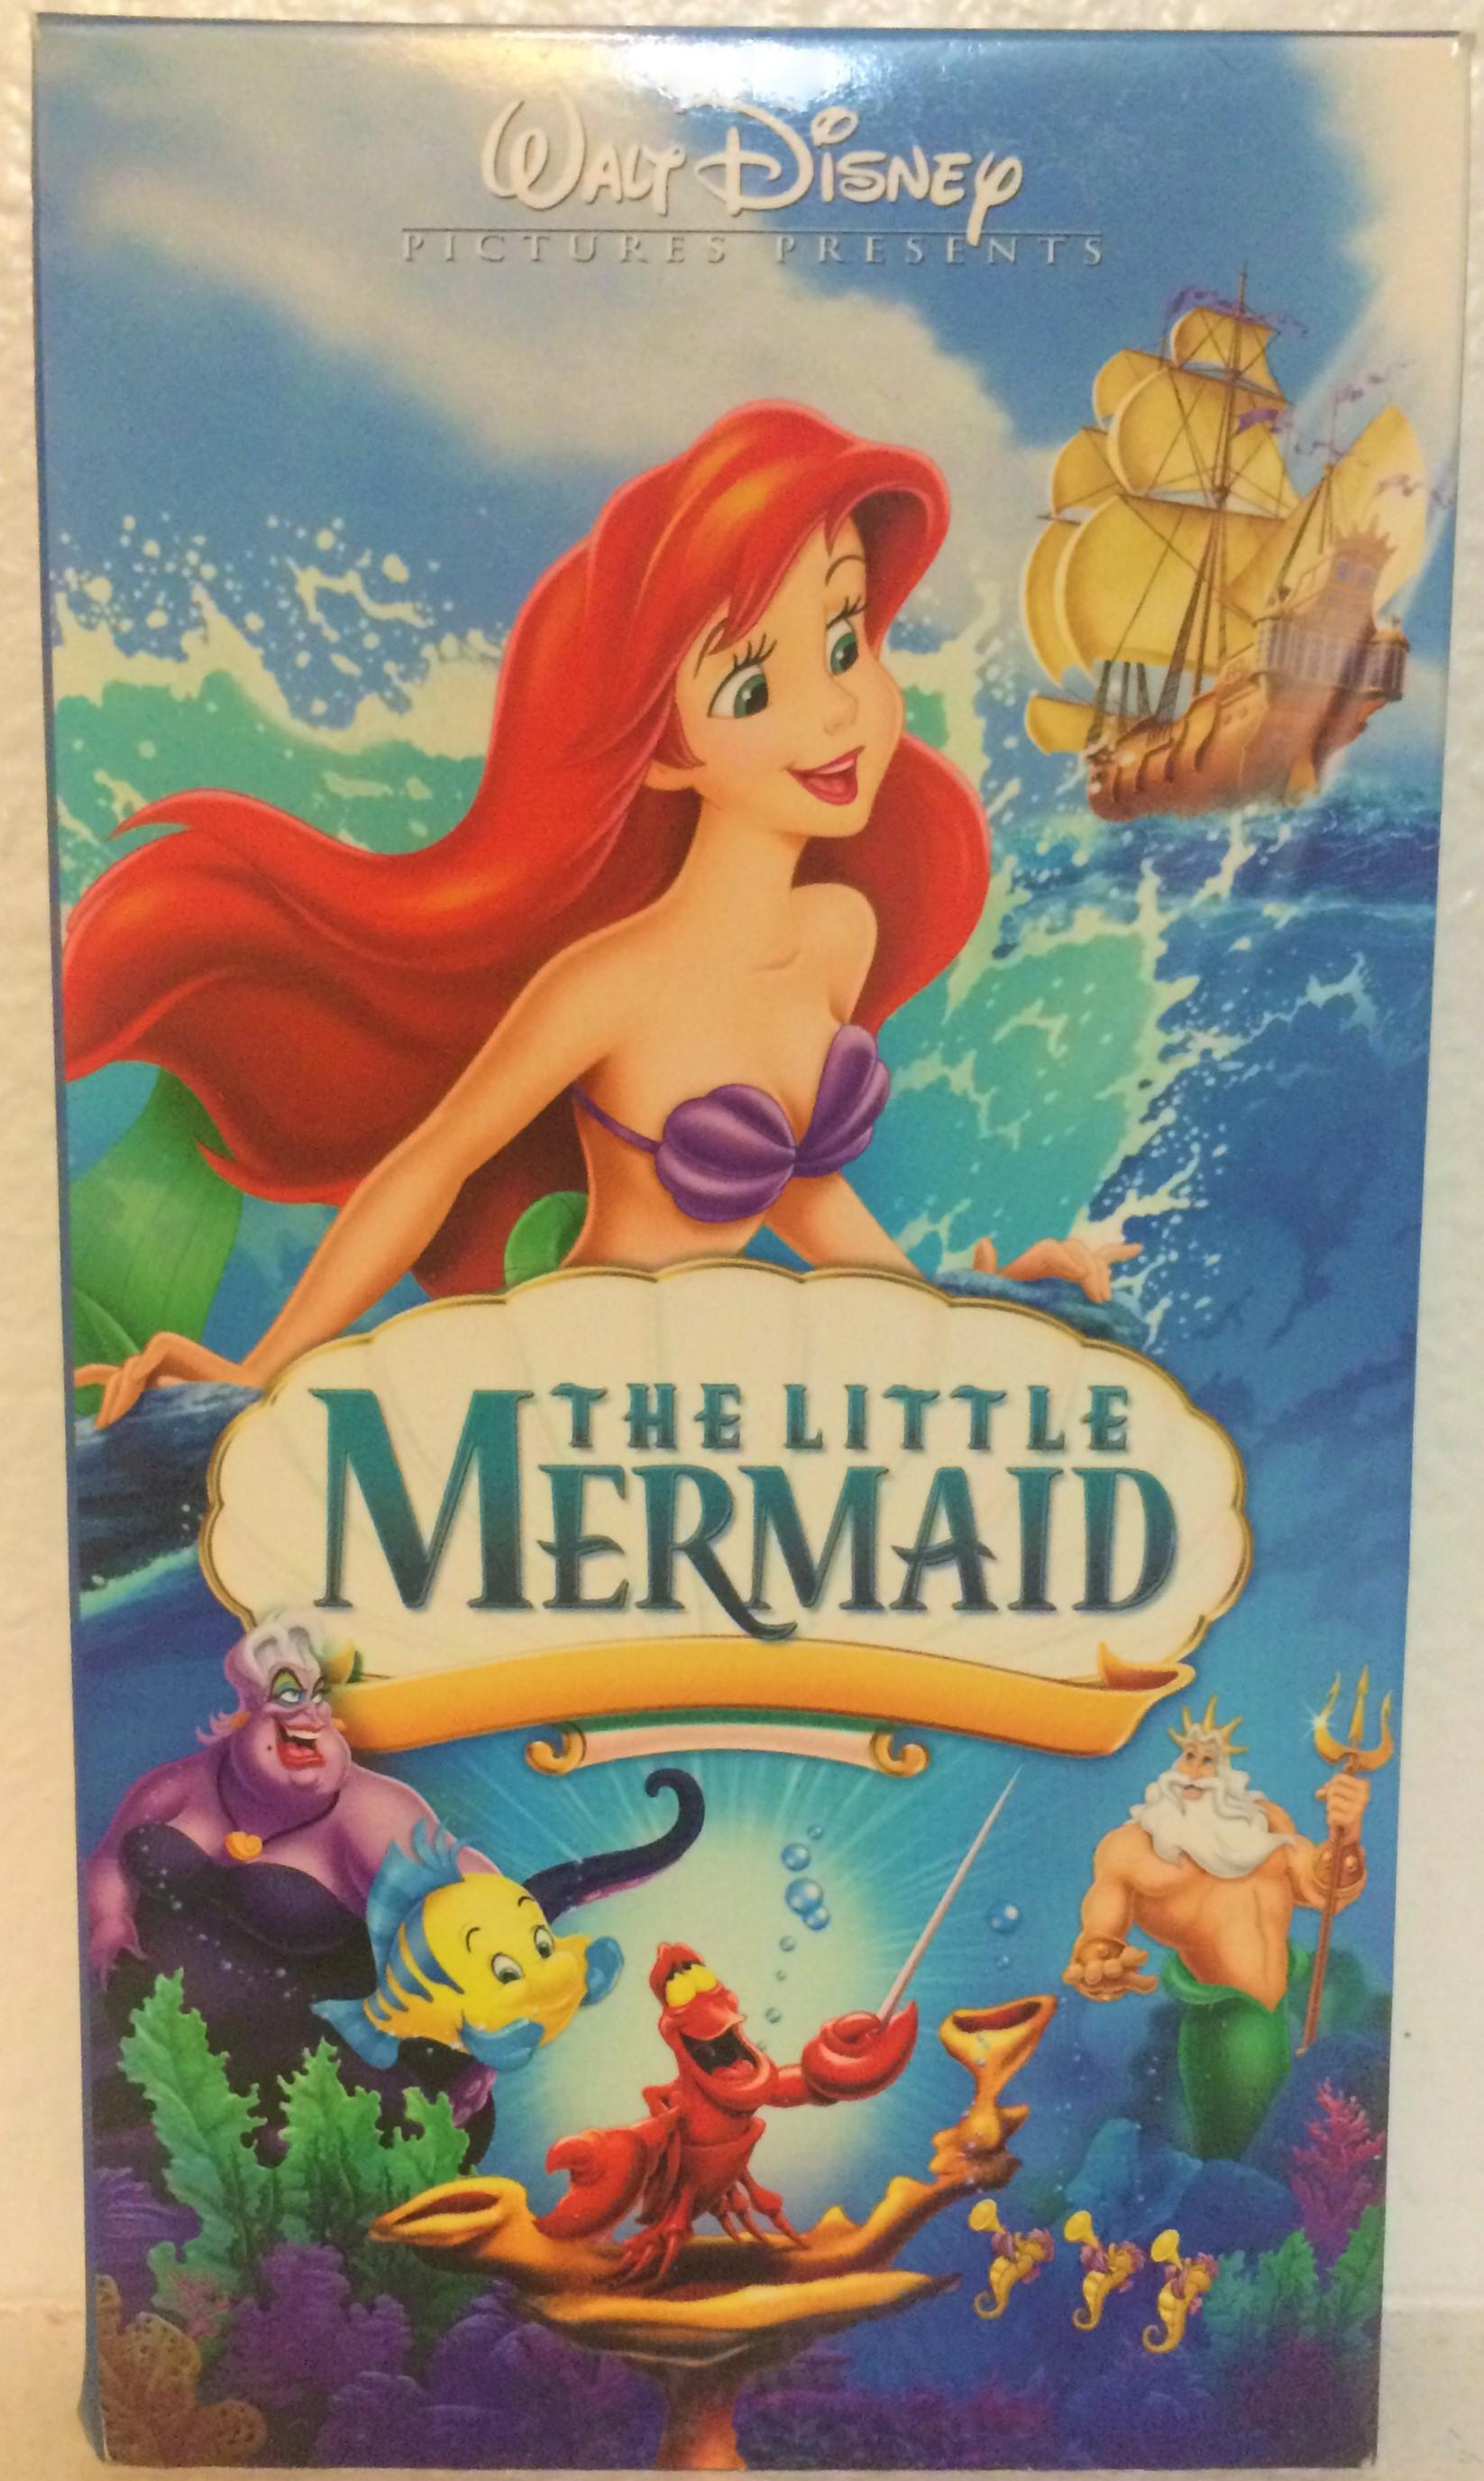 little mermaid 2 full movie in hindi download